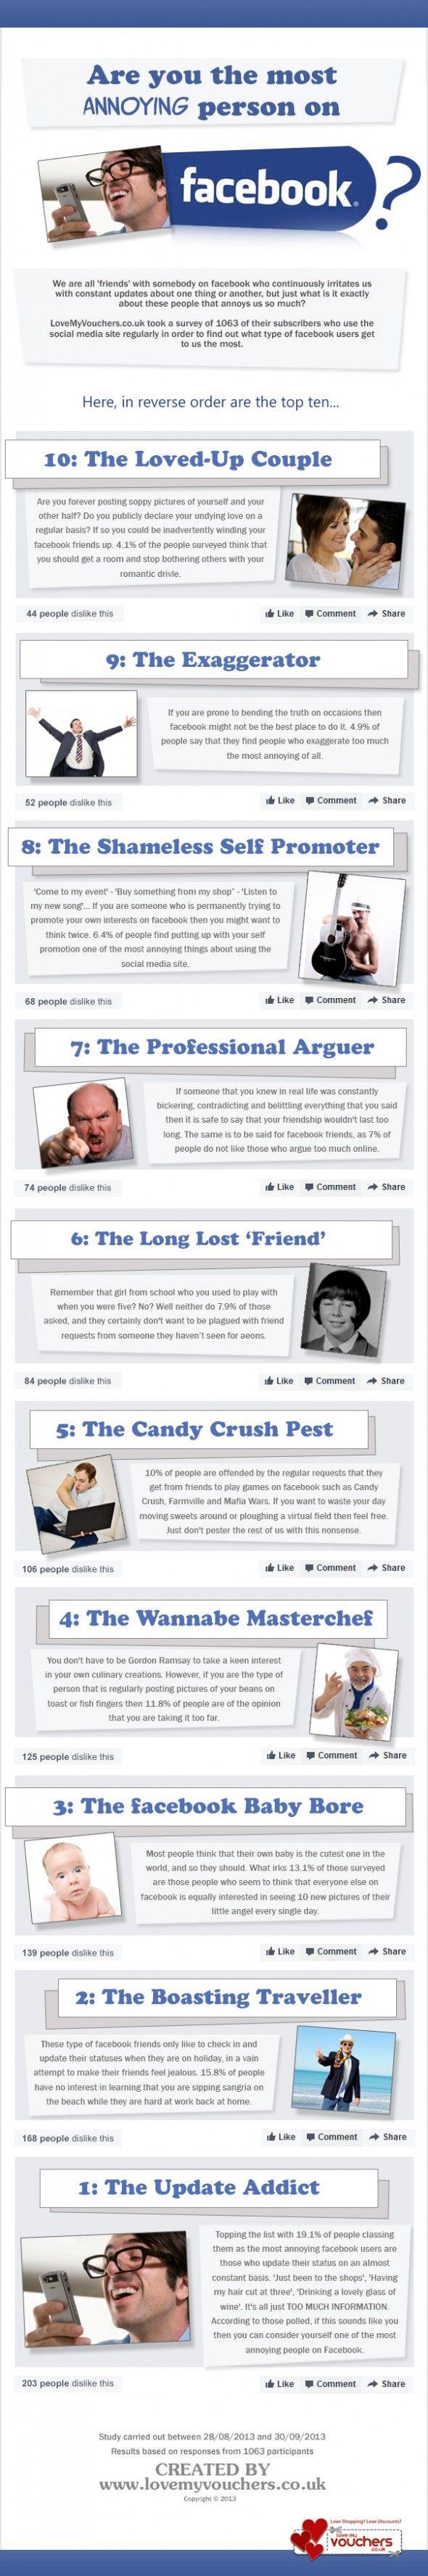 499 best Social Media images on Pinterest